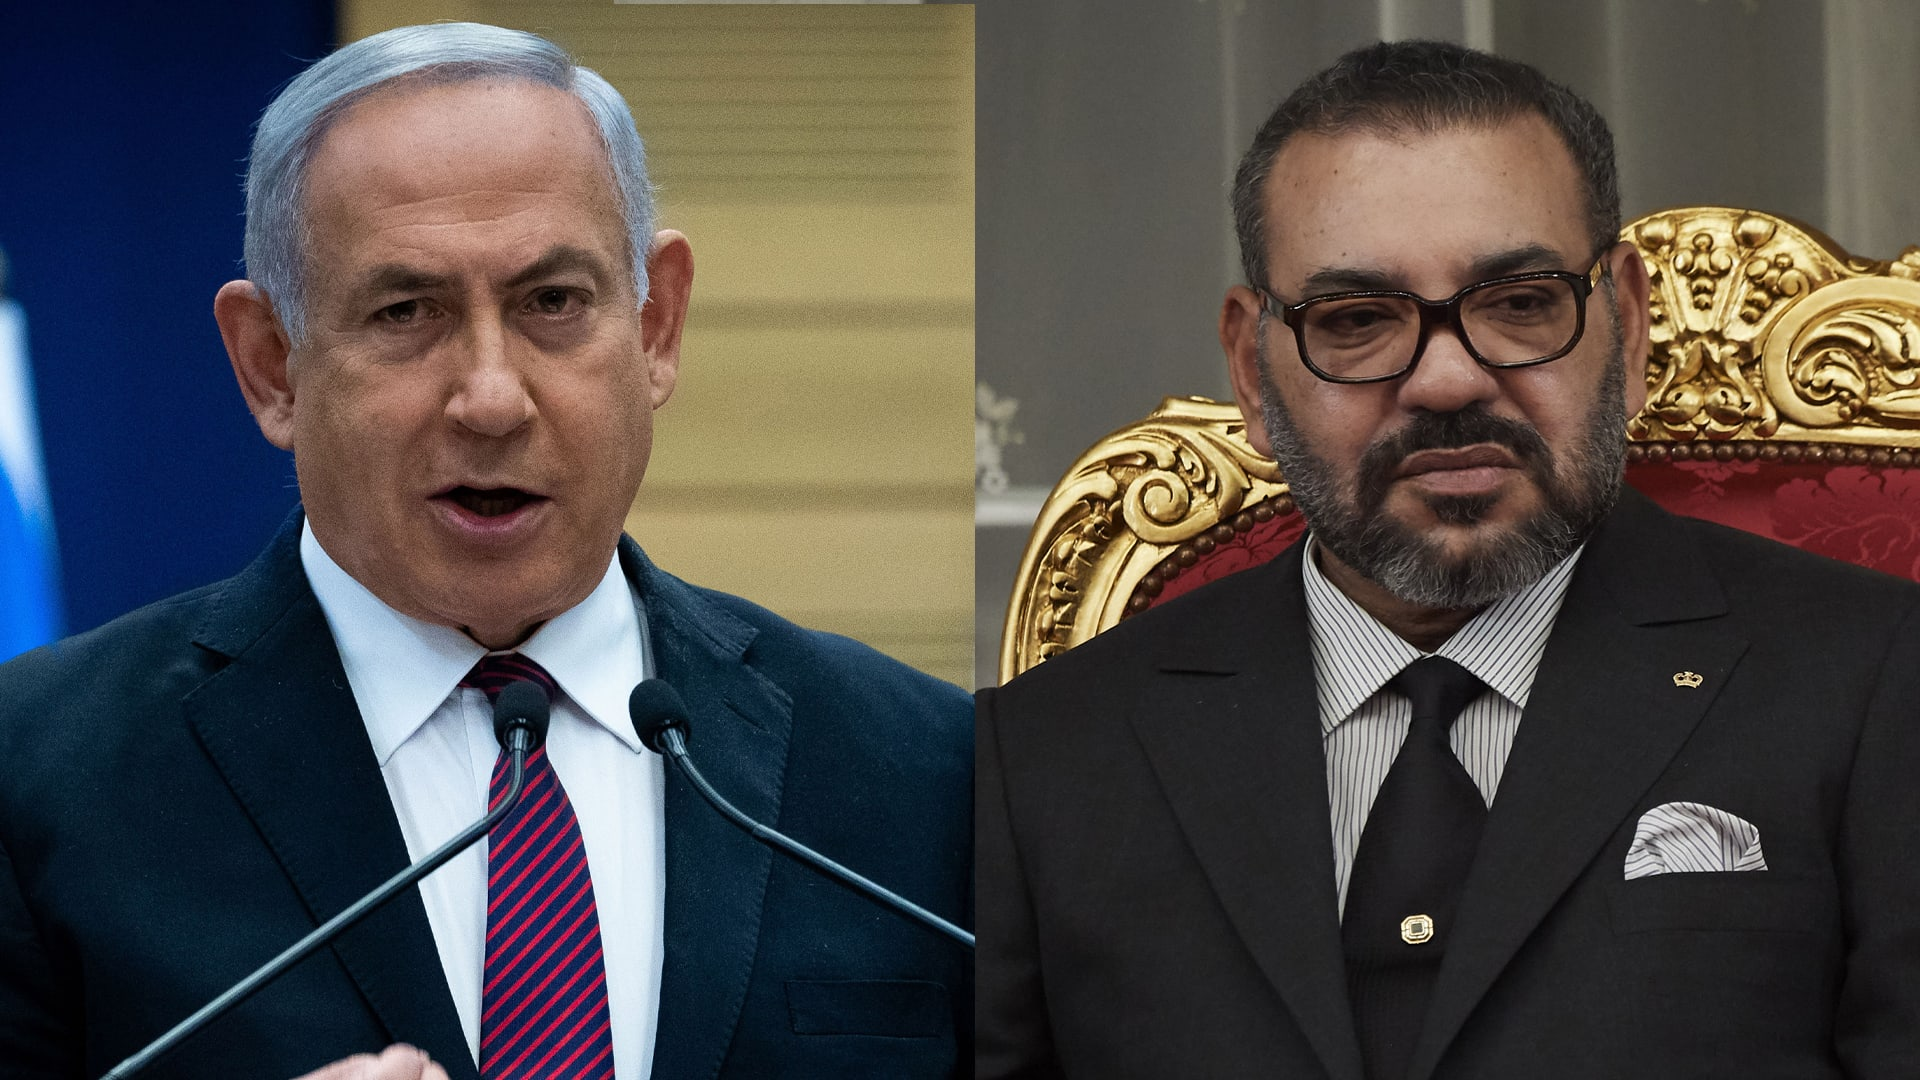 ملك المغرب محمد السادس يعقد صفقة عسكرية مع إسرائيل